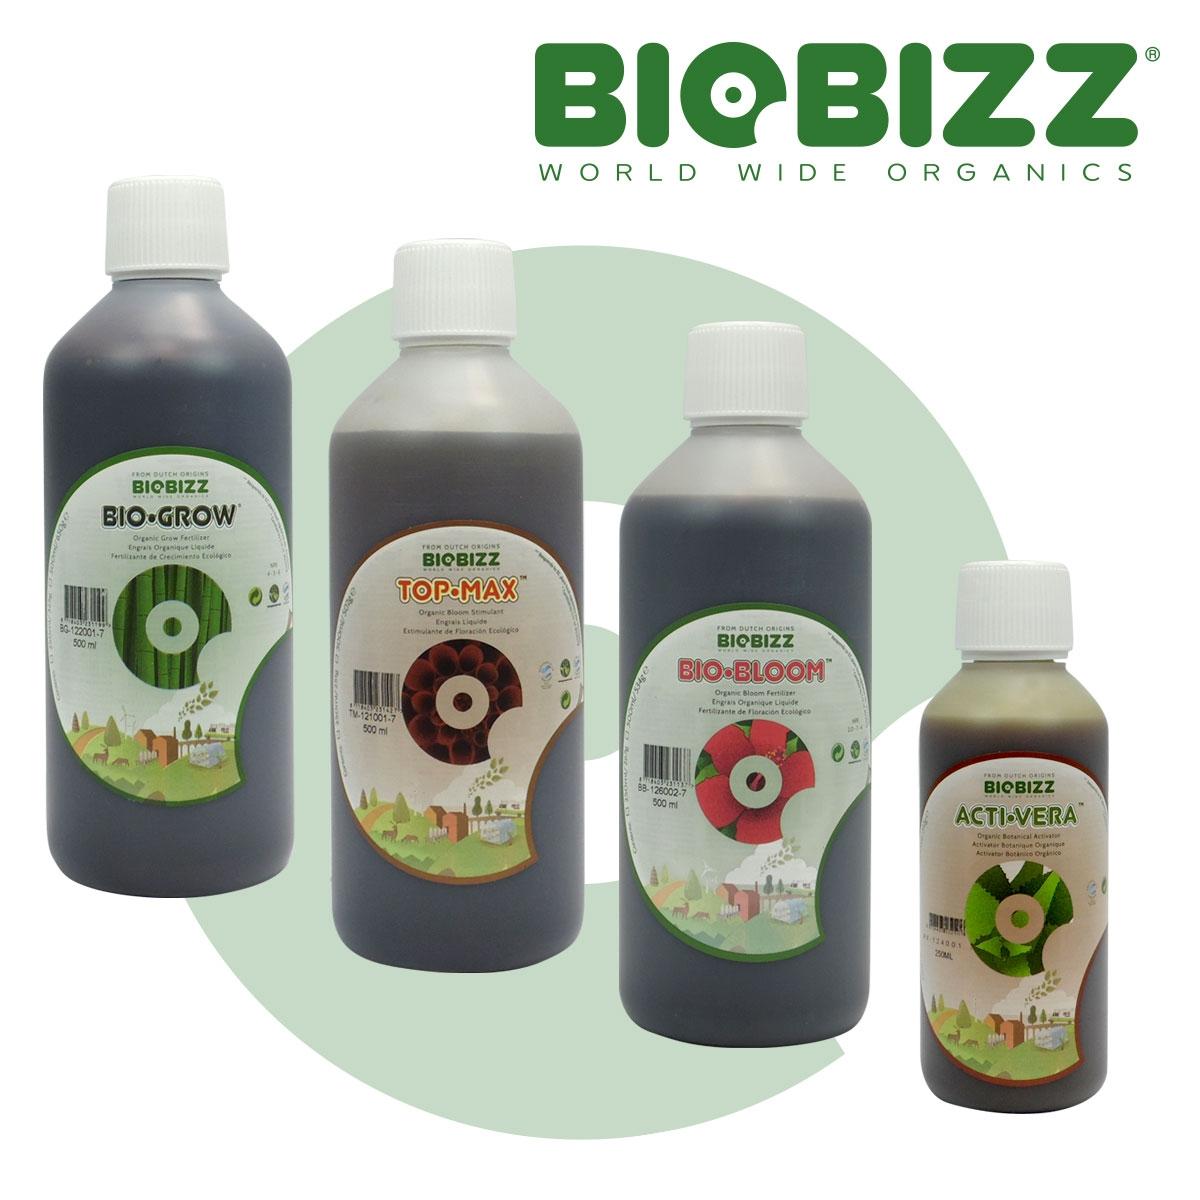 pack engrais naturel biobizz croissance floraison et booster. Black Bedroom Furniture Sets. Home Design Ideas